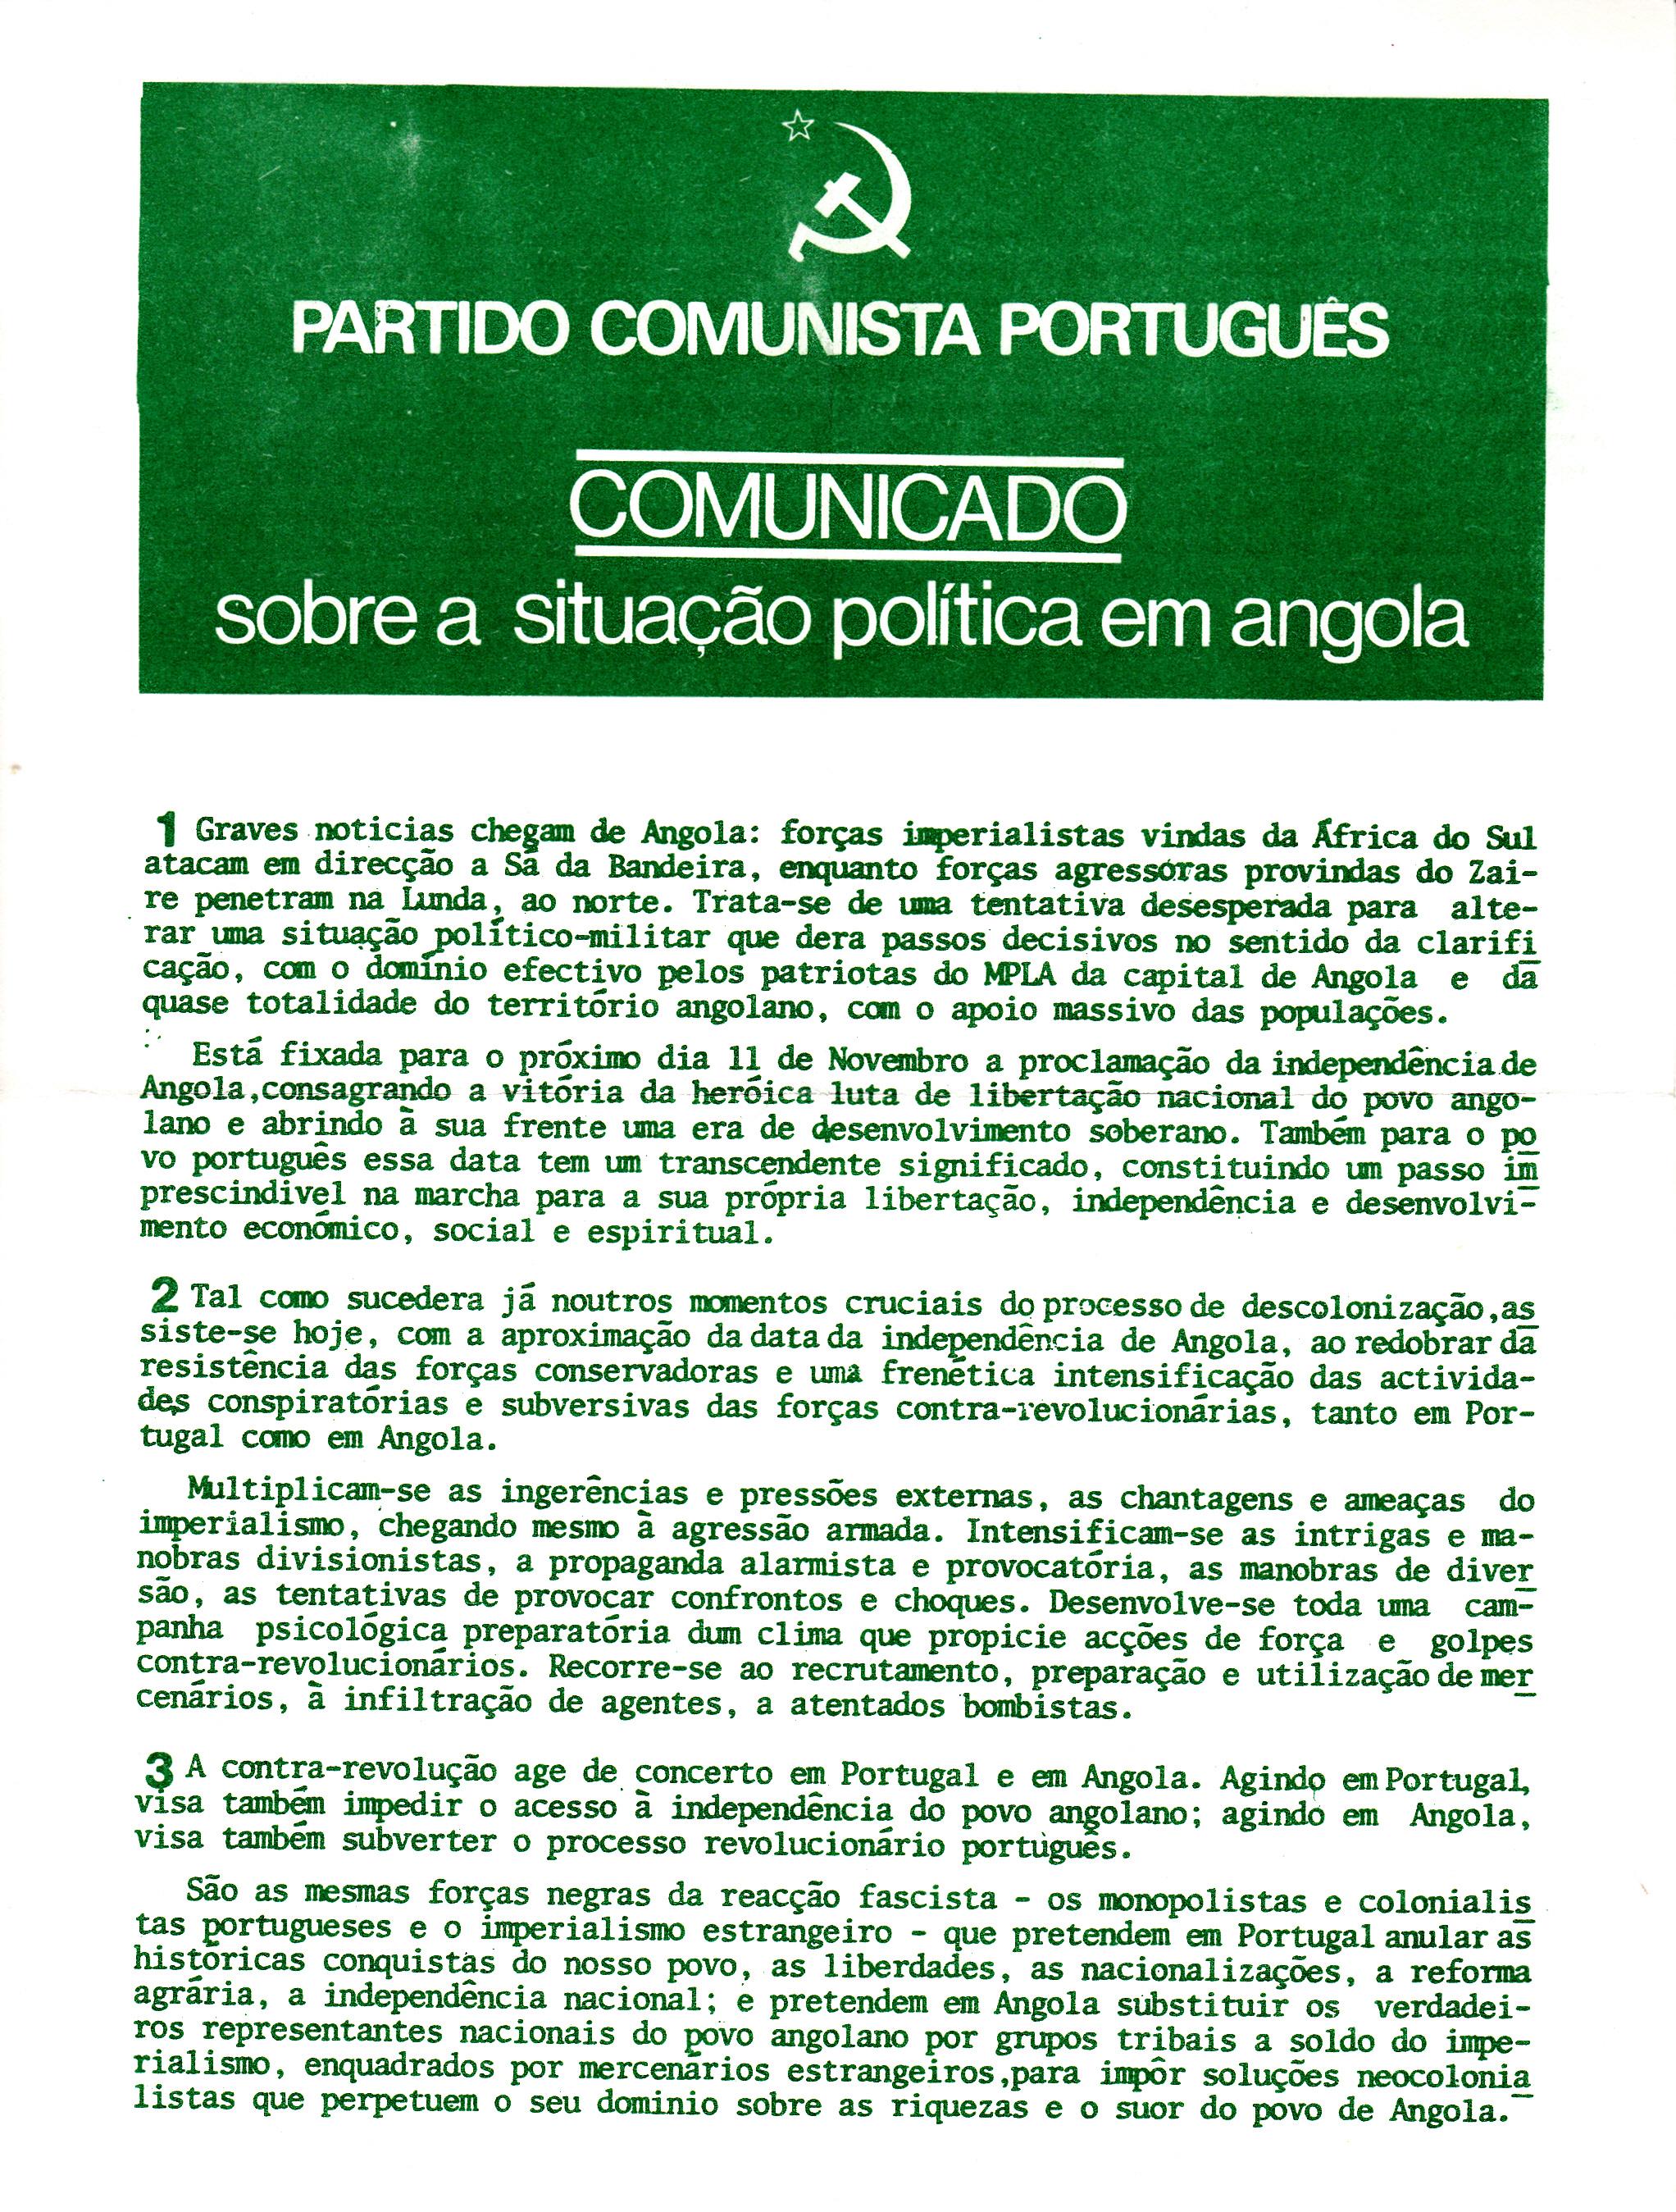 PCP_1975_10_25_0001